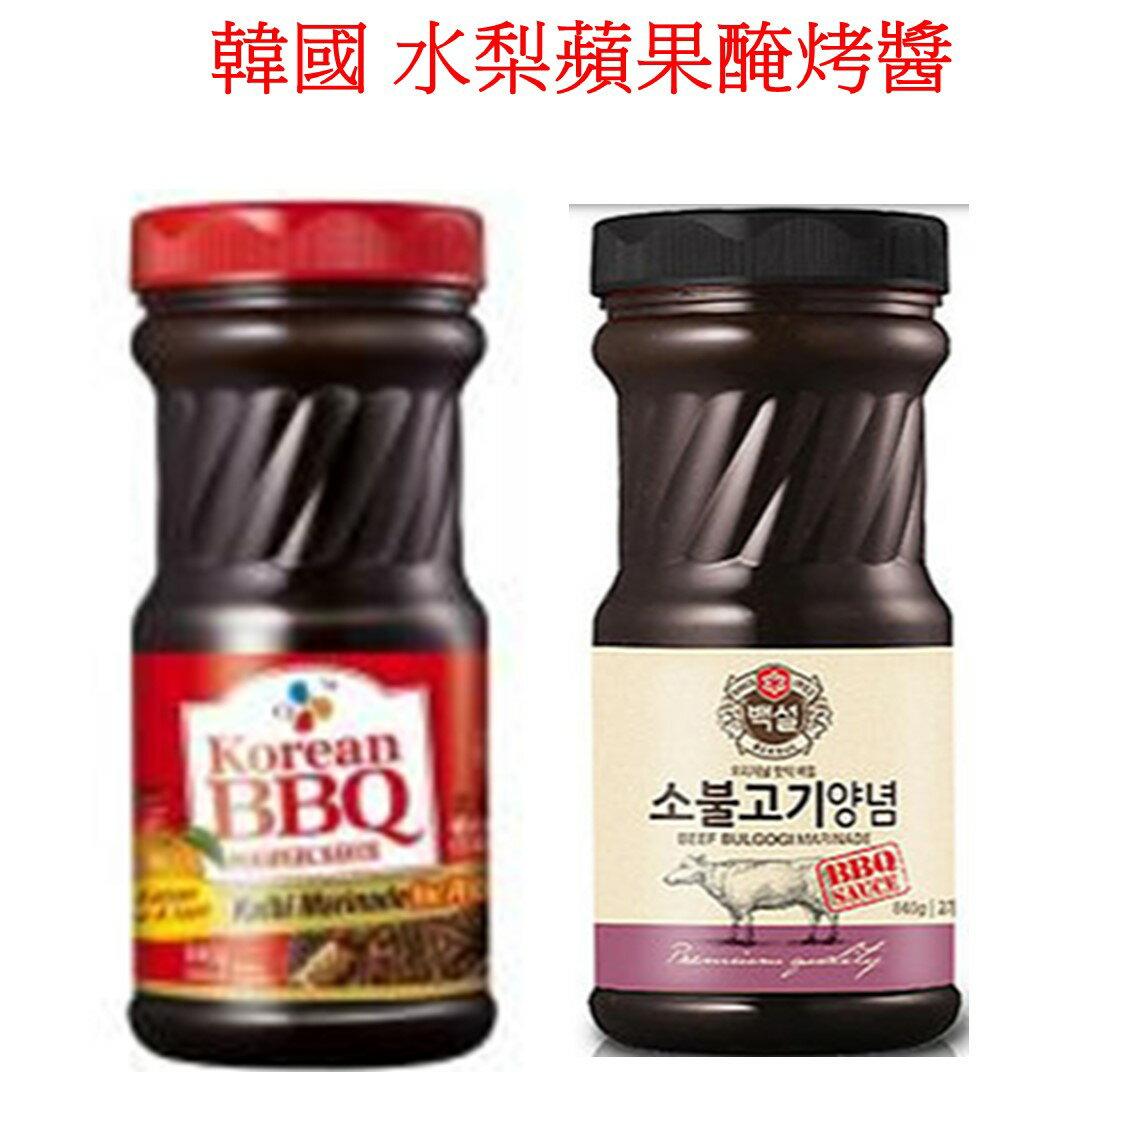 韓式頂級水梨蘋果燒醃烤醬 水梨醬 烤肉醬 燒肉醬 - 原味/辣味 * 1 罐 (CJ&韓式大象兩品牌隨機出貨)